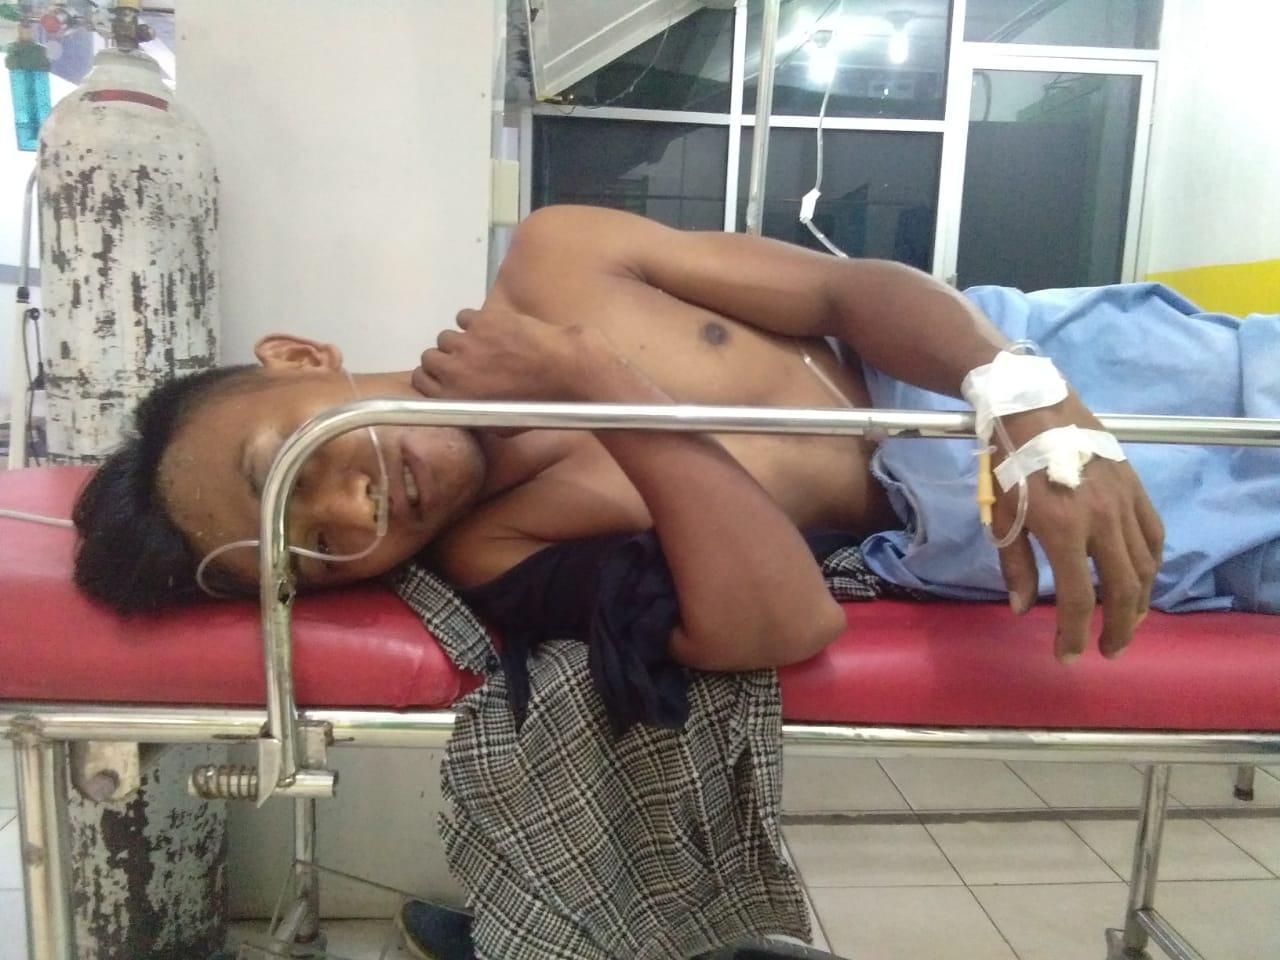 Tersengat Listrik, Dua Pria Labura Dilarikan ke Rumah Sakit